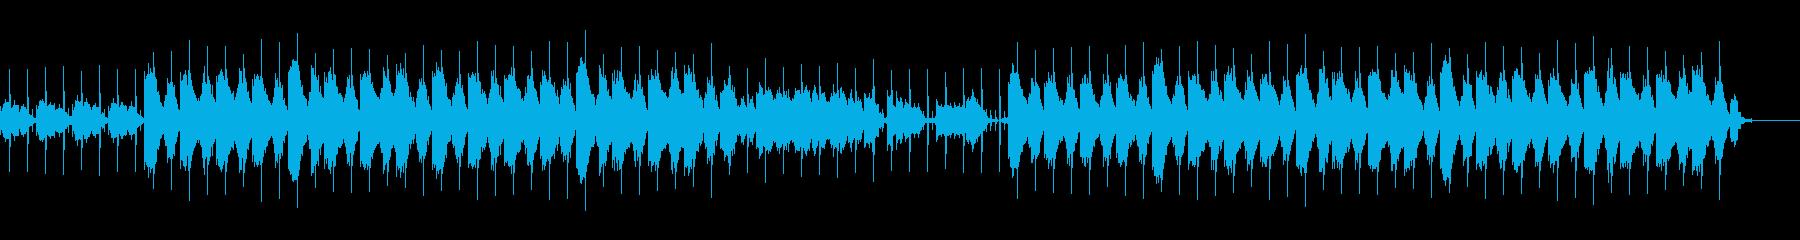 静かな夜にぴったりのローファイ・ビートの再生済みの波形